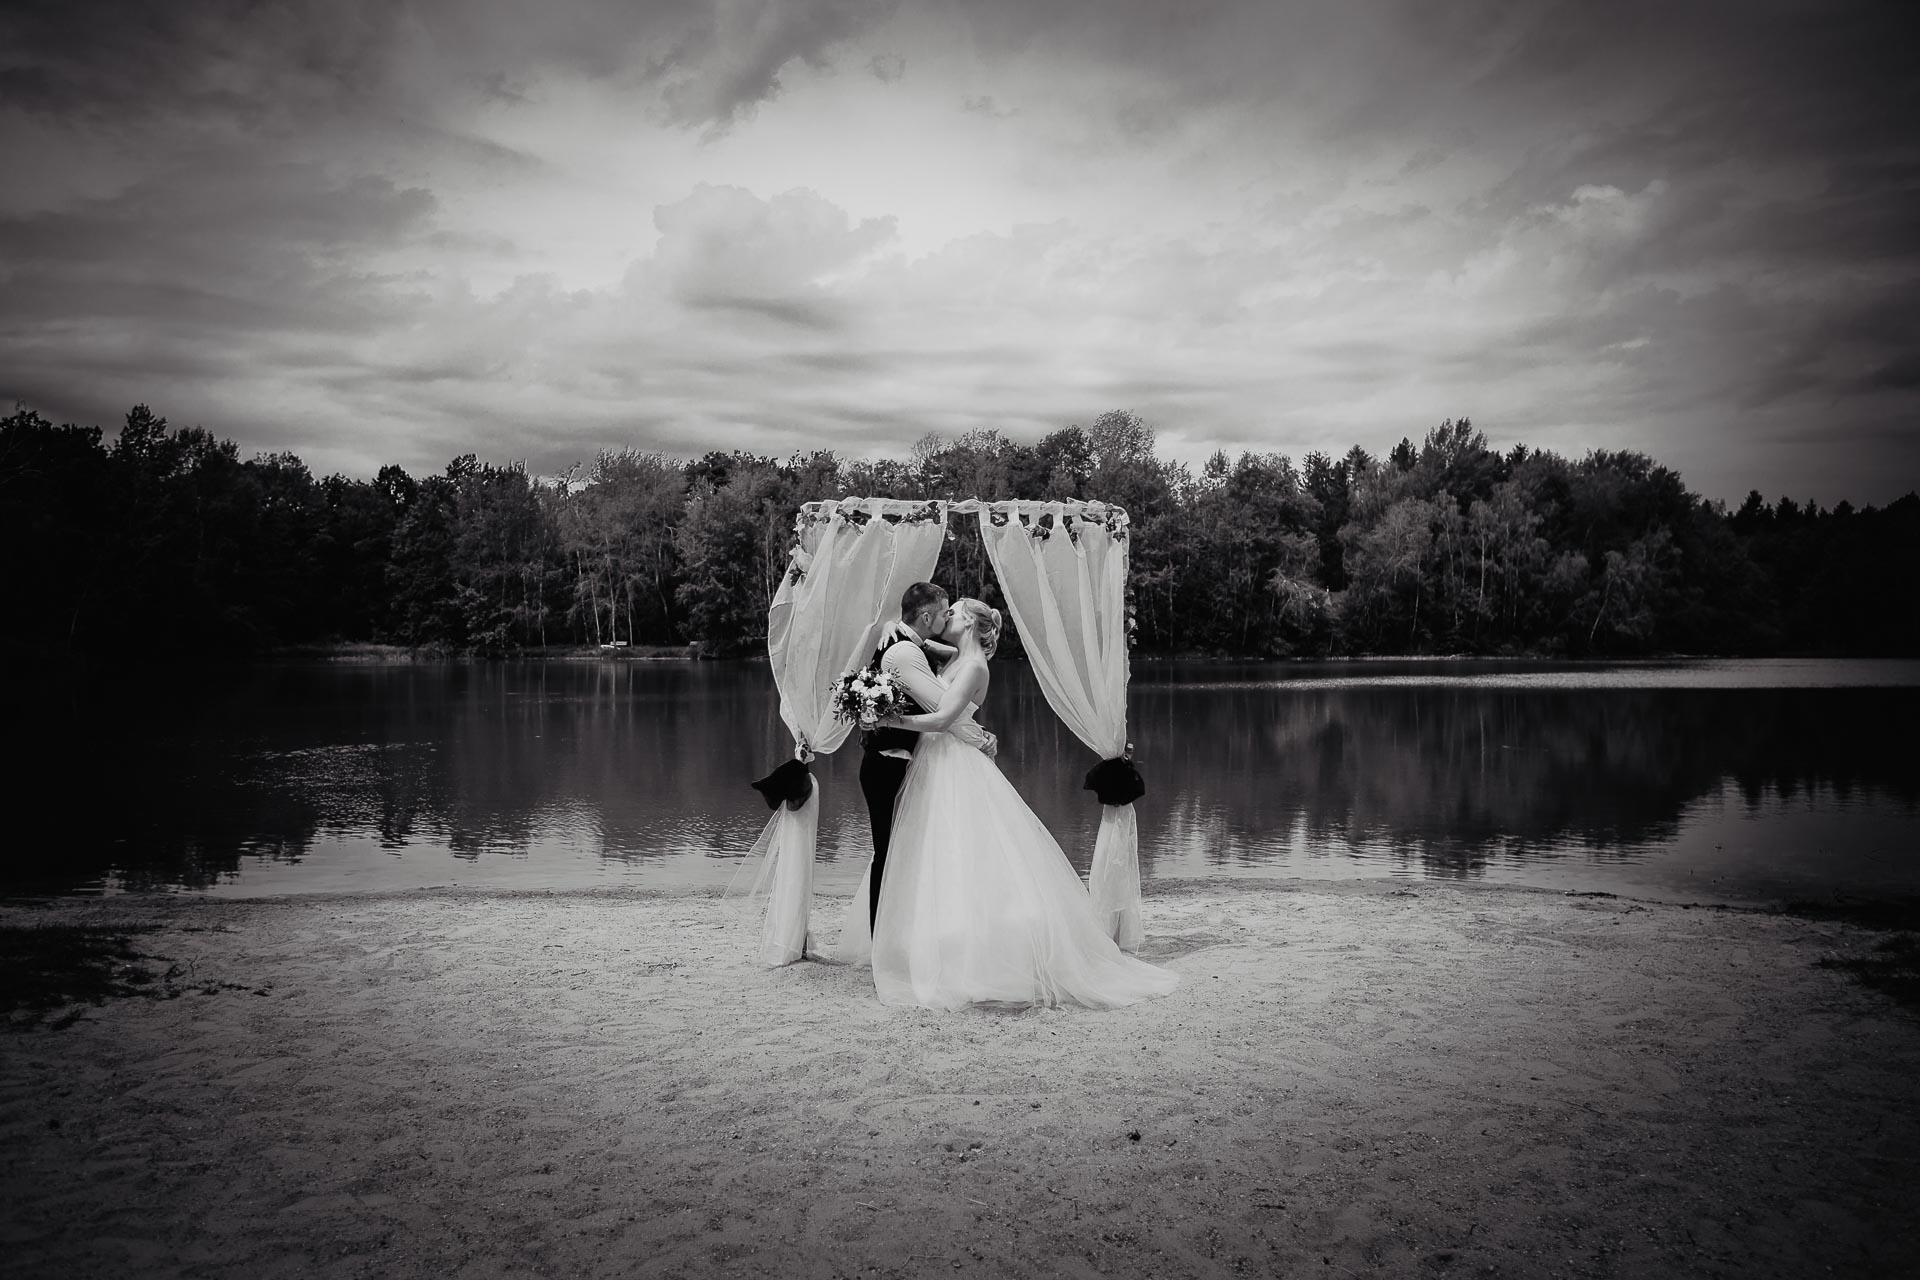 svatební-fotograf-Jívák-svatební-fotograf-Loučeň-svatební-video-Loučeň-134